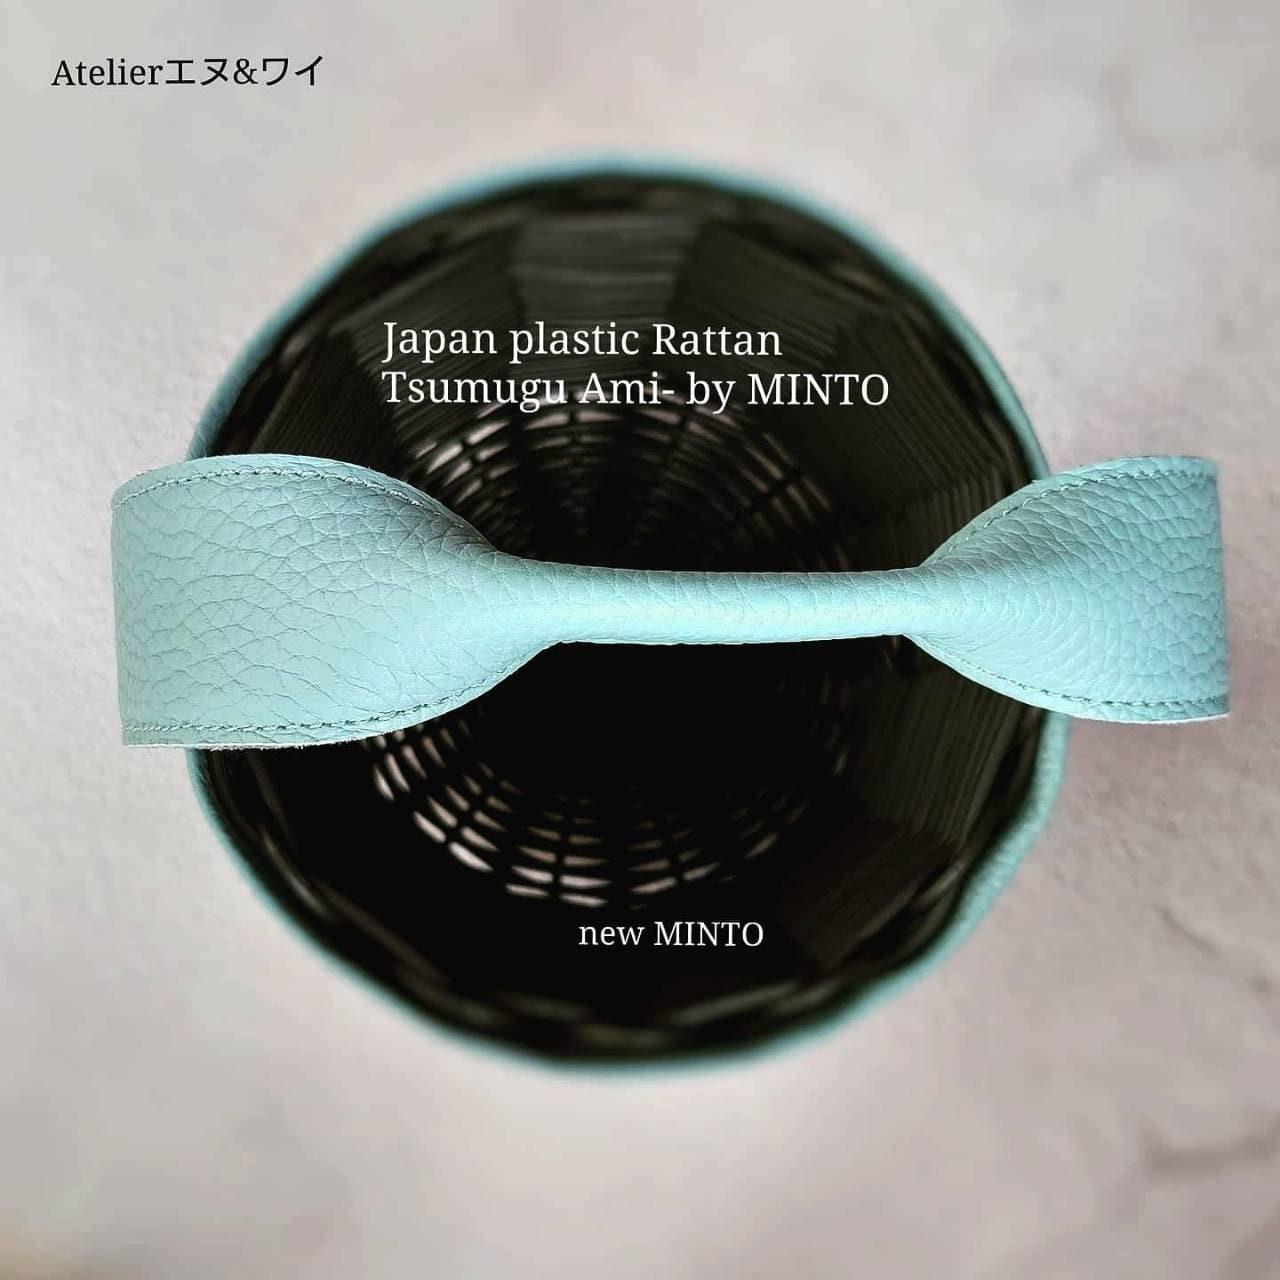 対面レッスン かごから編みます!綺麗なLeatherキットのMINTOシリーズ 【Ami-】by MINTO オンライン要ご相談のイメージその2